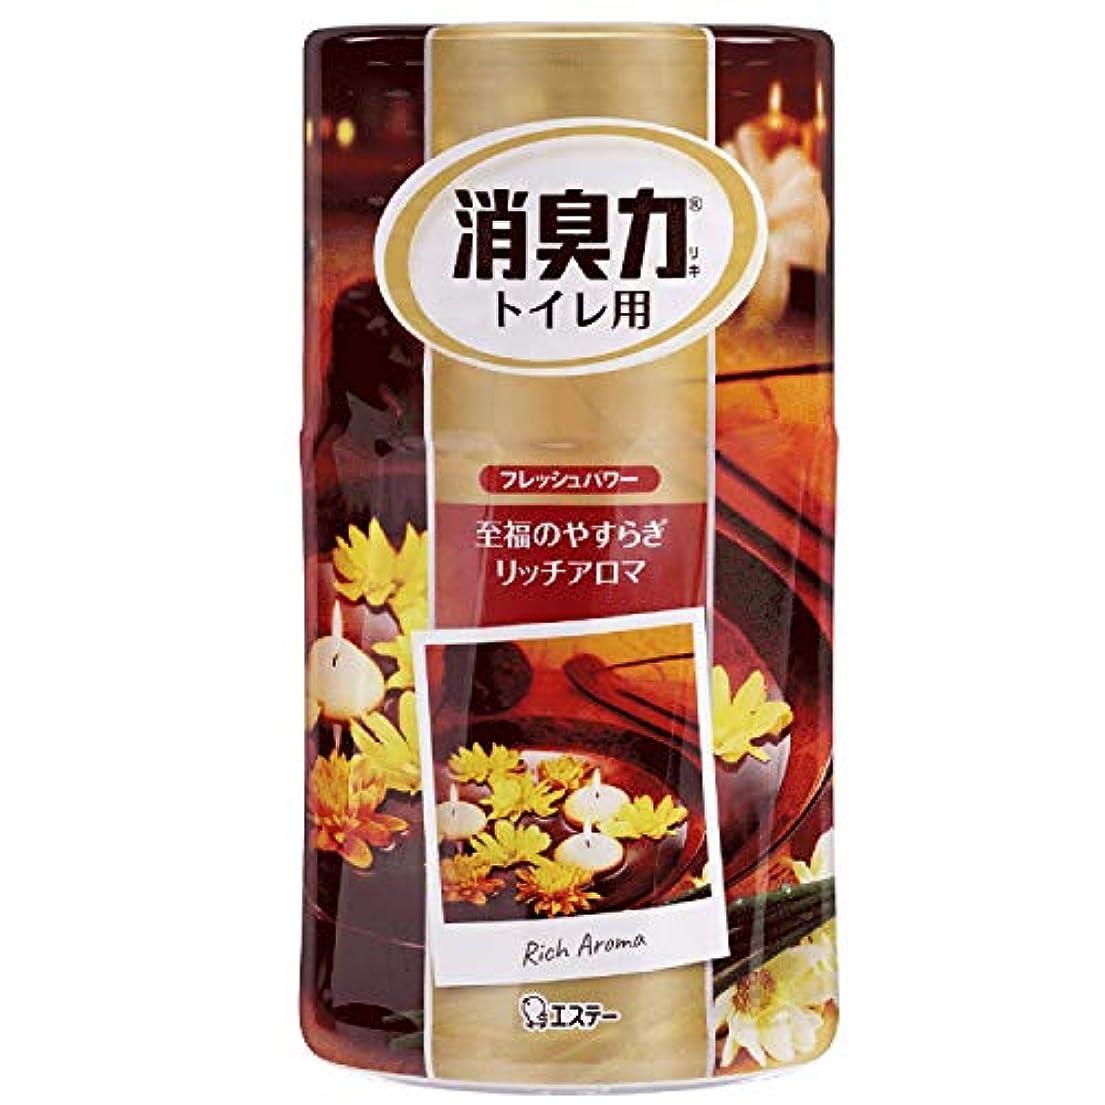 通知ホスト音楽【エステー】トイレの消臭力 大人の至福 リッチアロマの香り 400ml ×3個セット